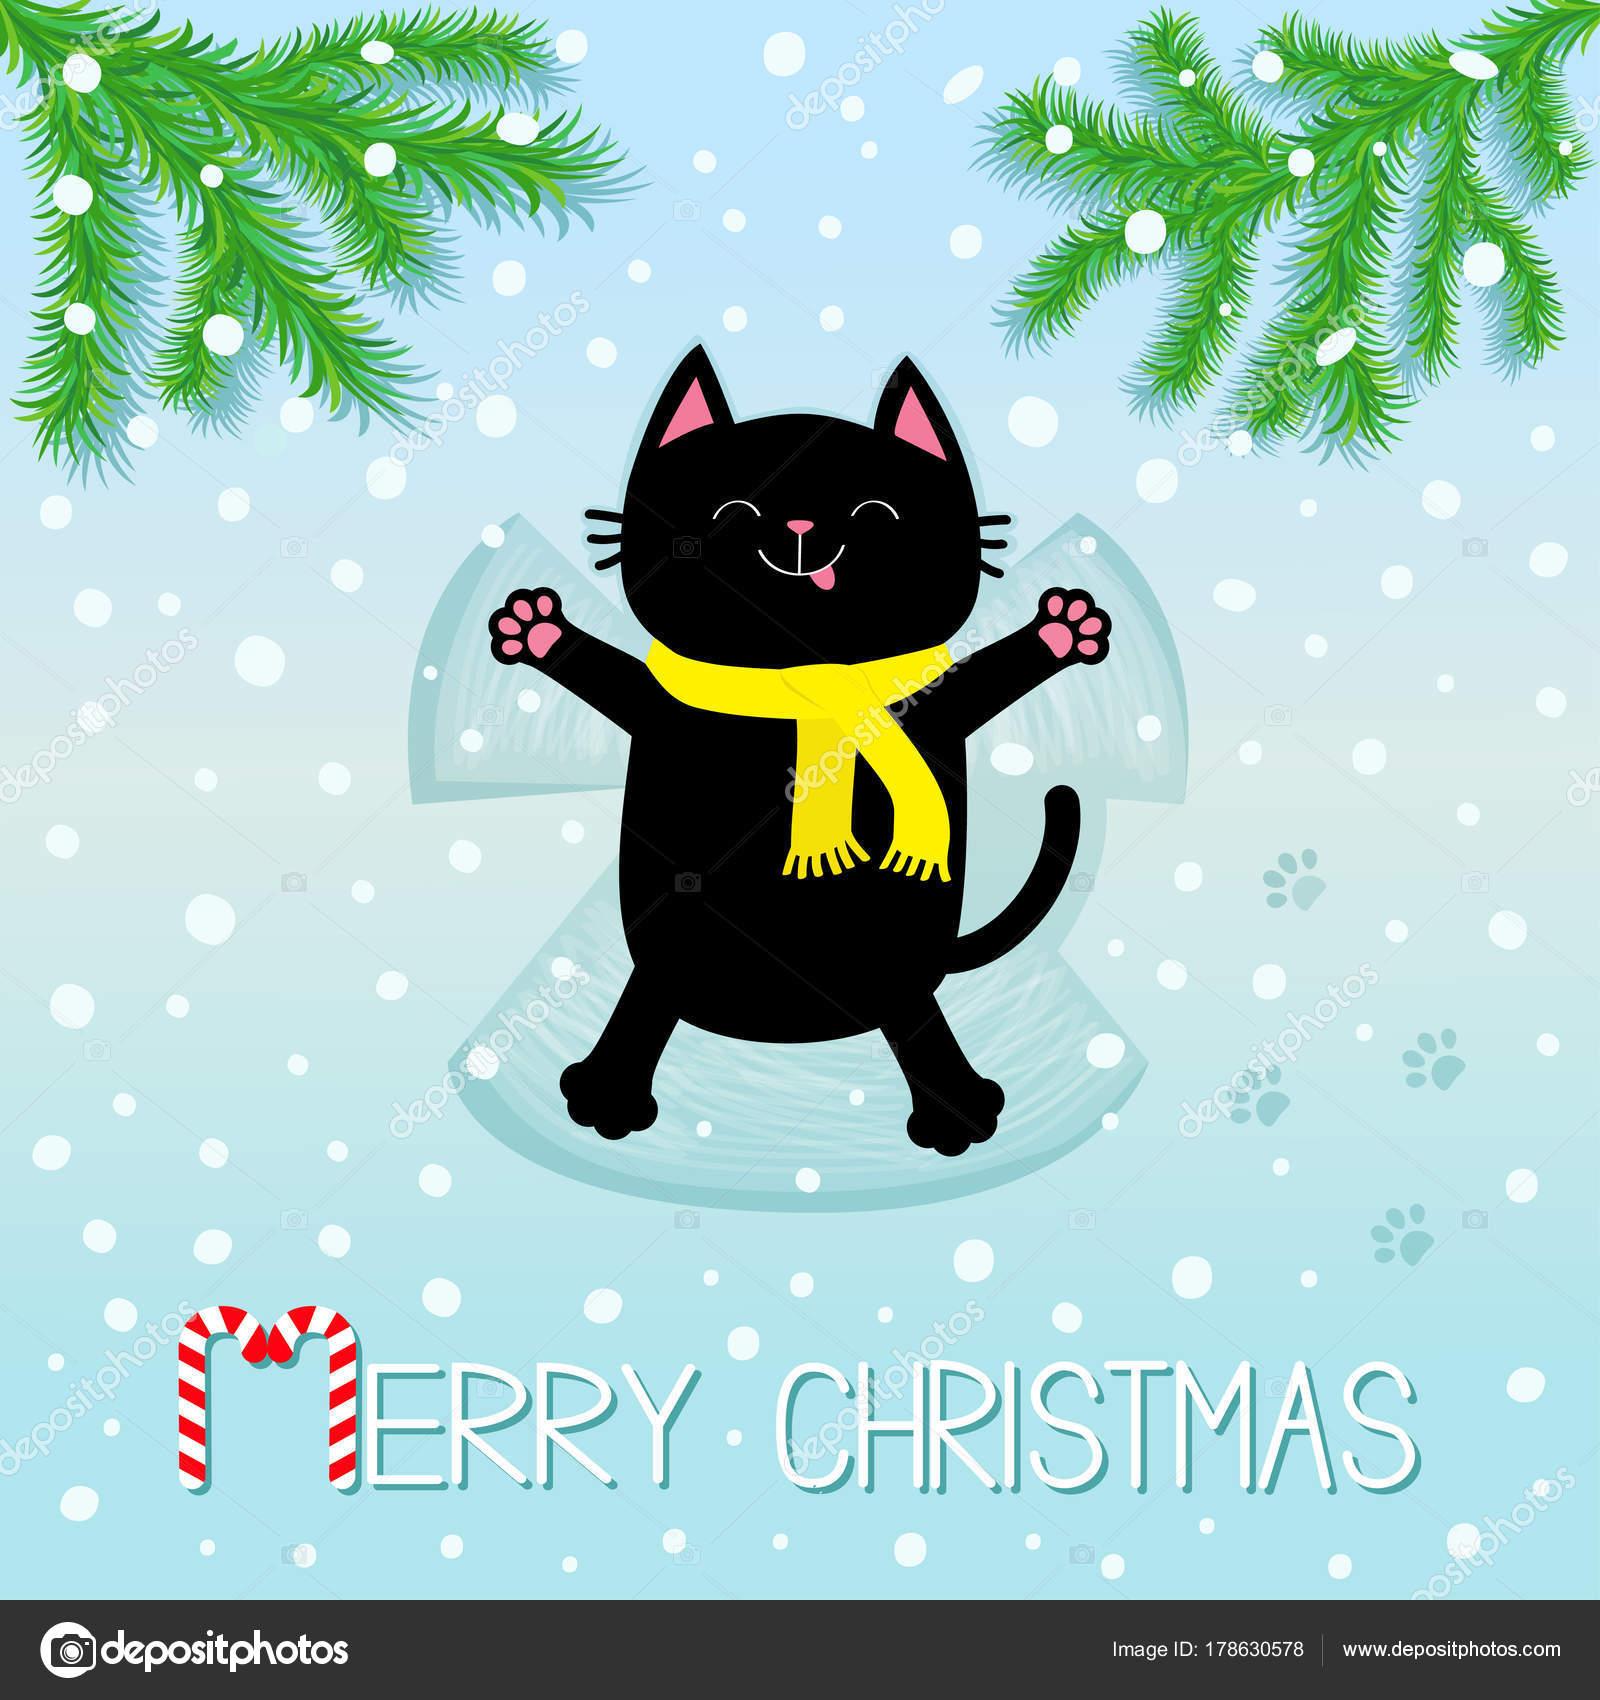 Frohe Weihnachten Katze.Frohe Weihnachten Schwarze Lächelnde Katze Mit Auf Rücken